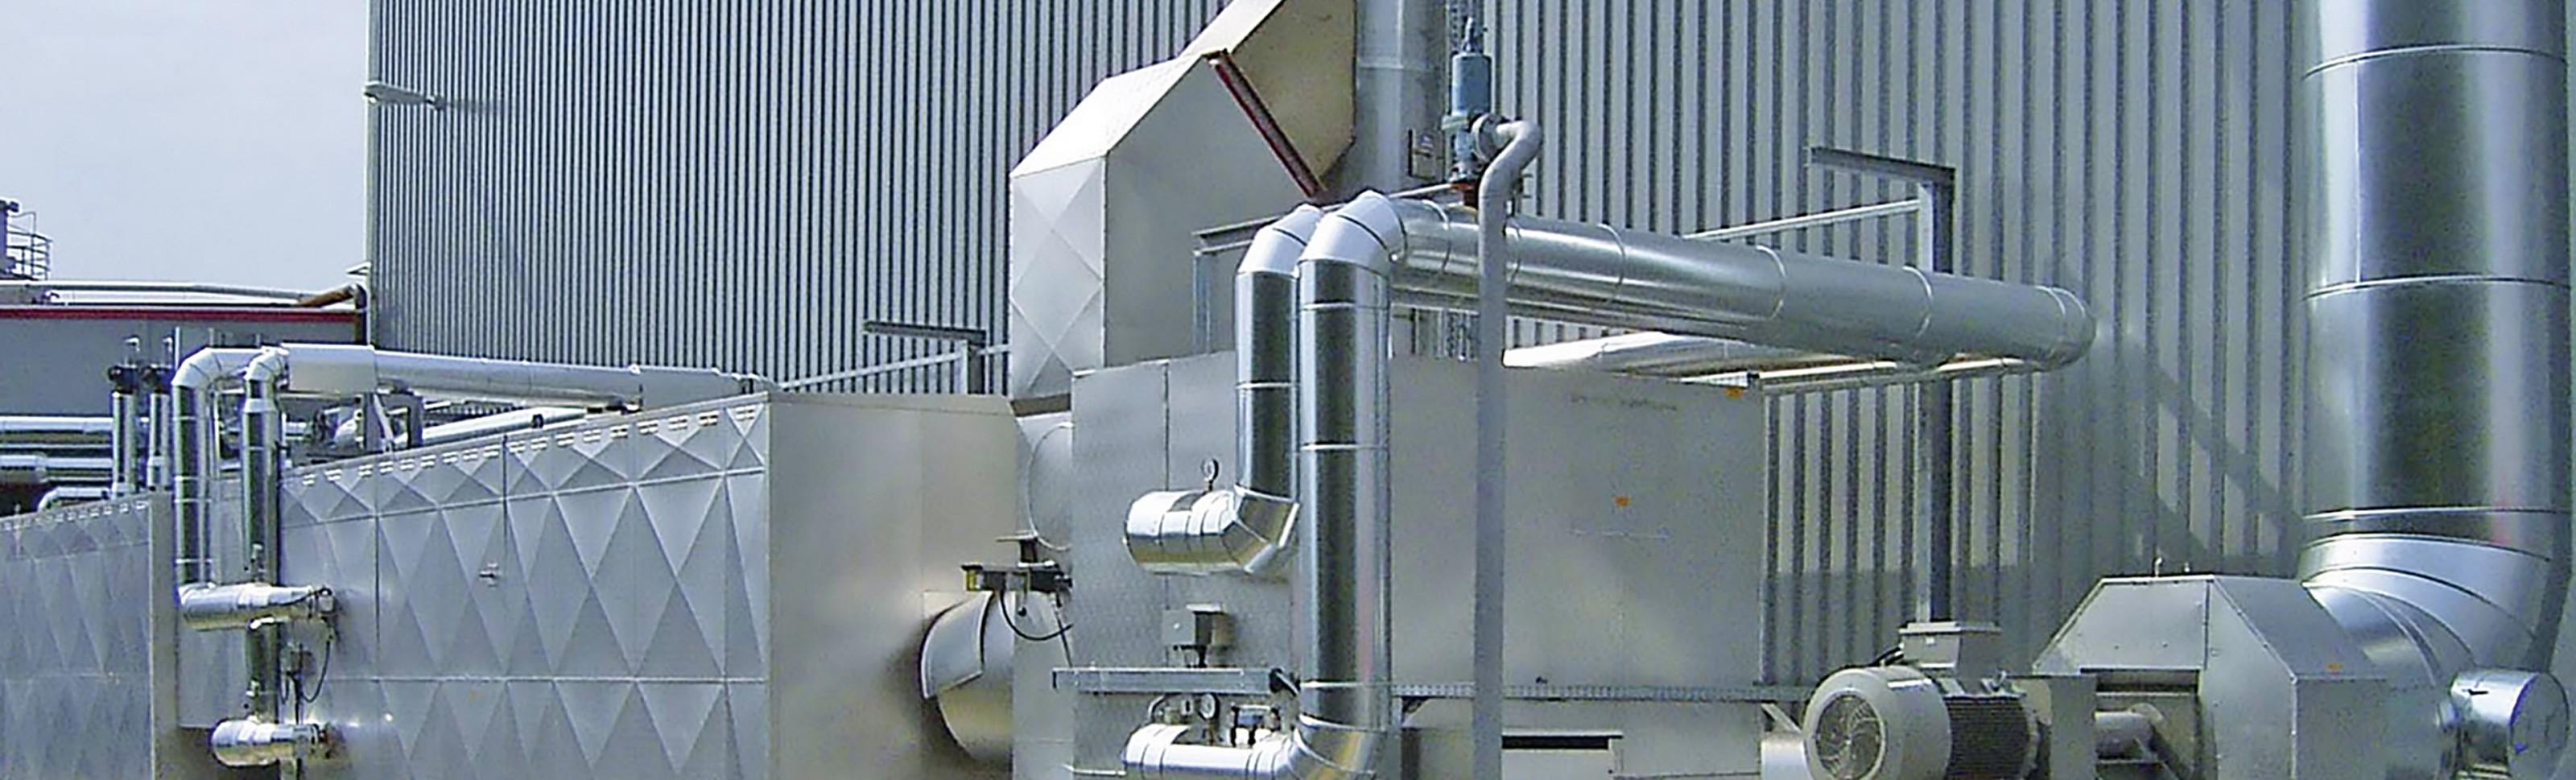 Thermische Verbrennungsanlage